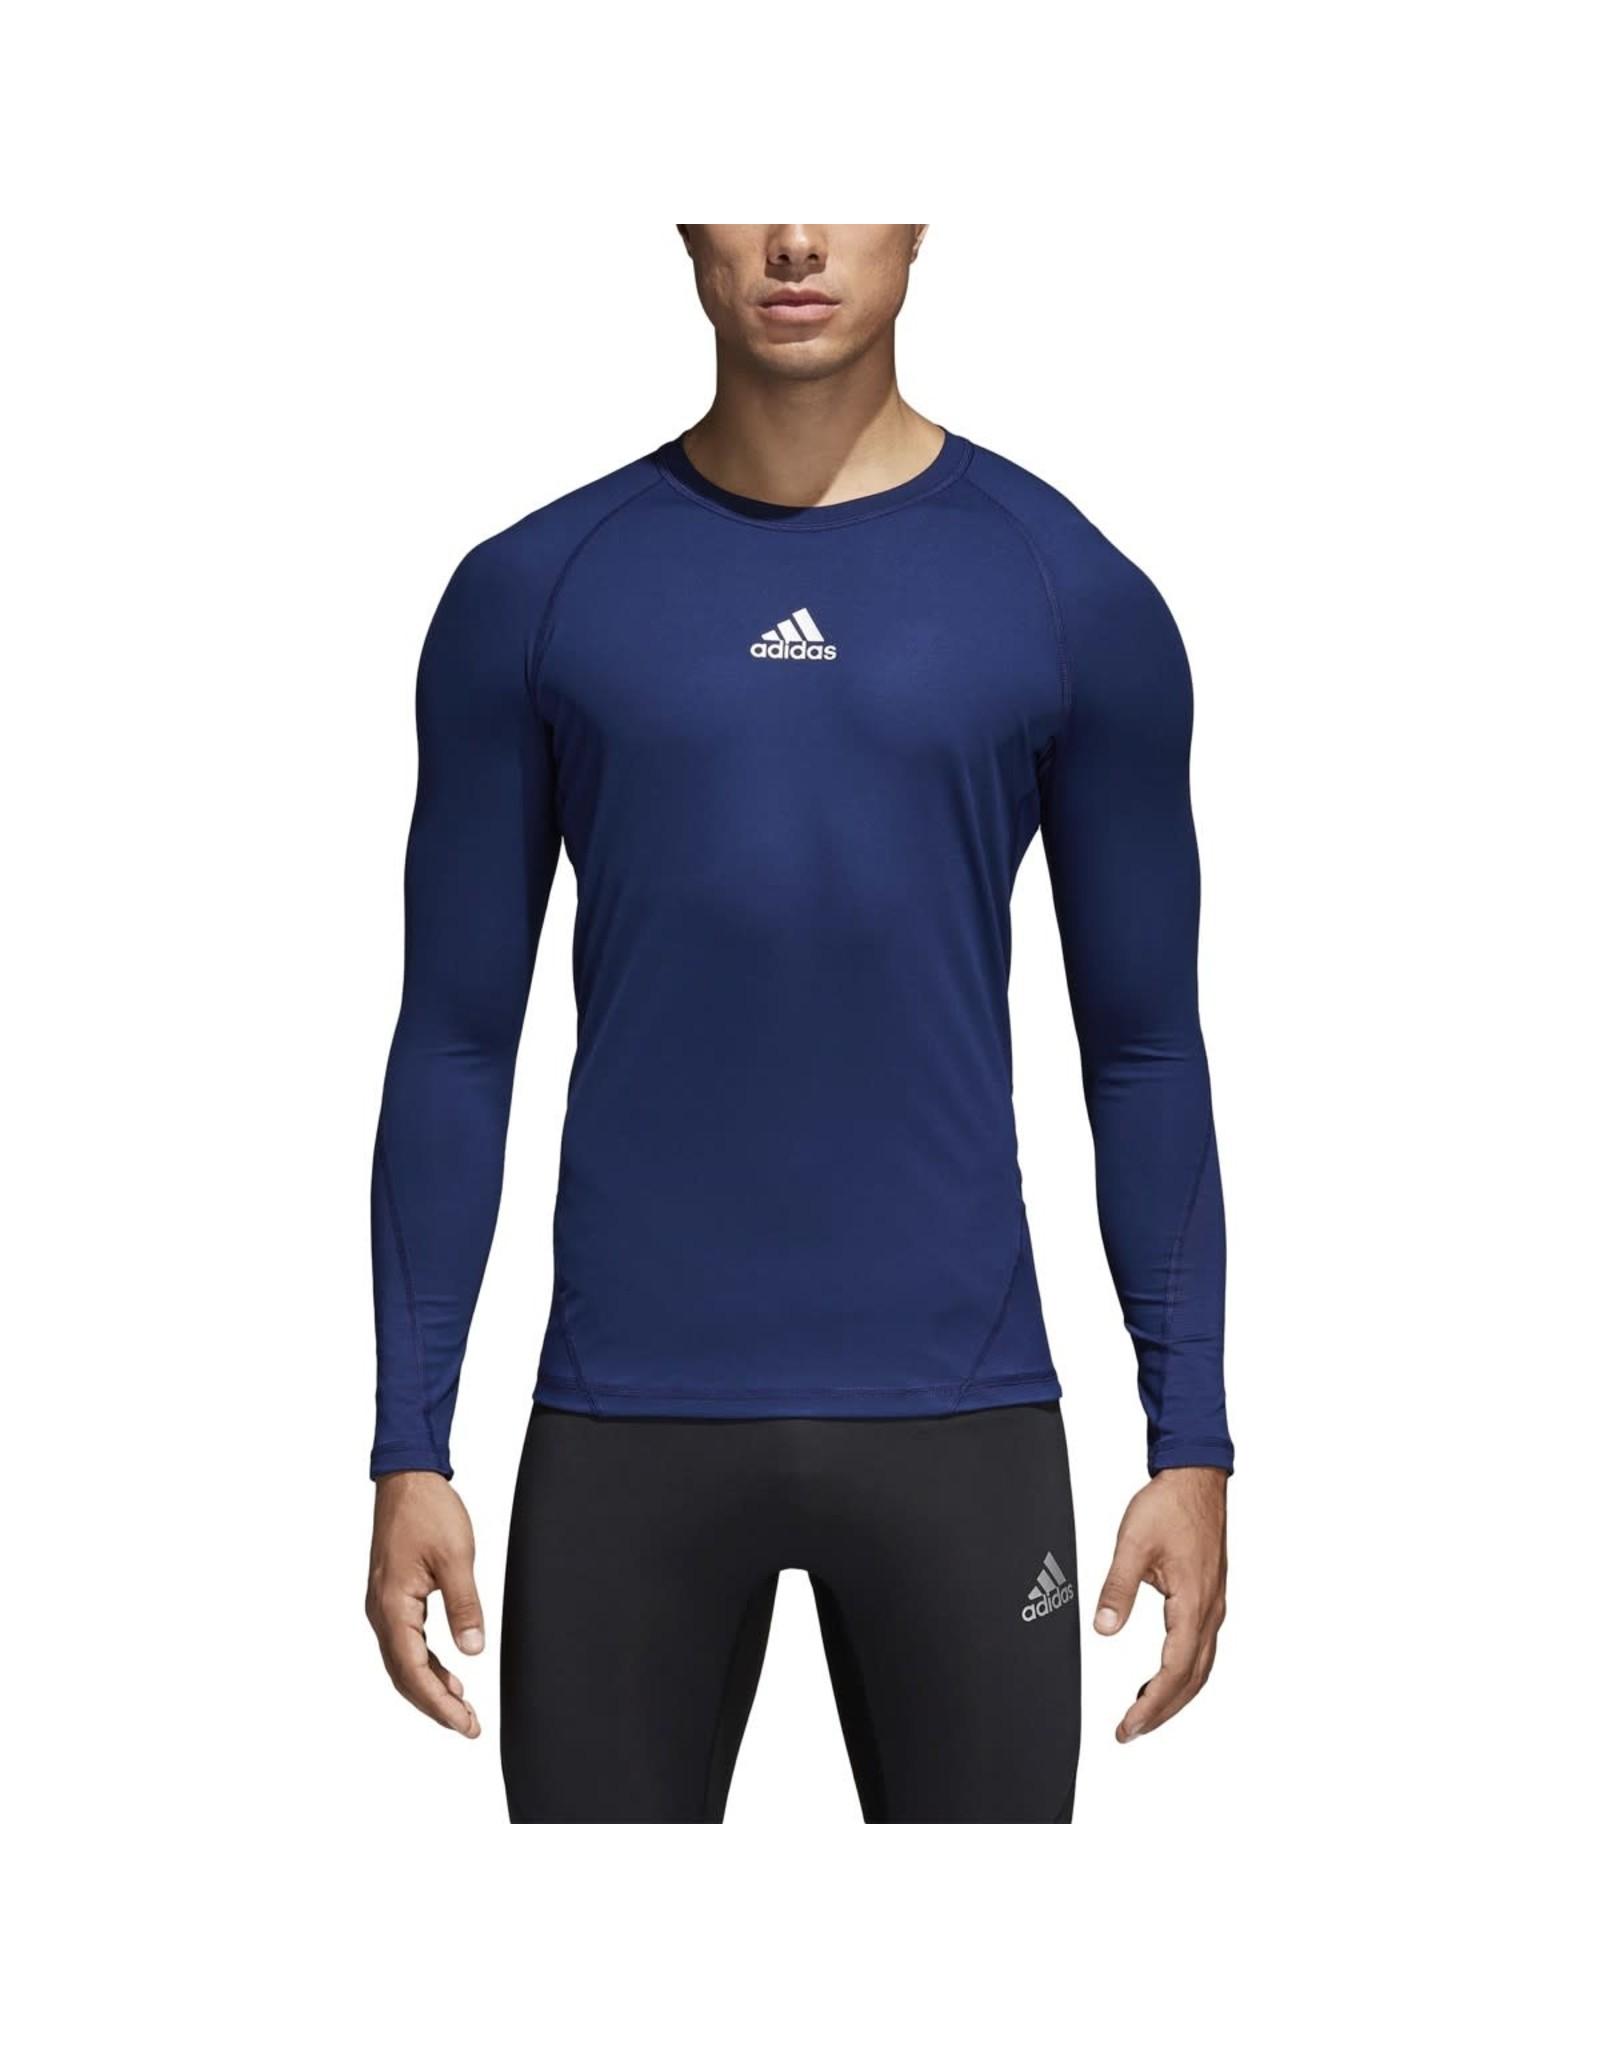 Adidas ADIDAS ALPHA SKIN BASE LAYER AD T